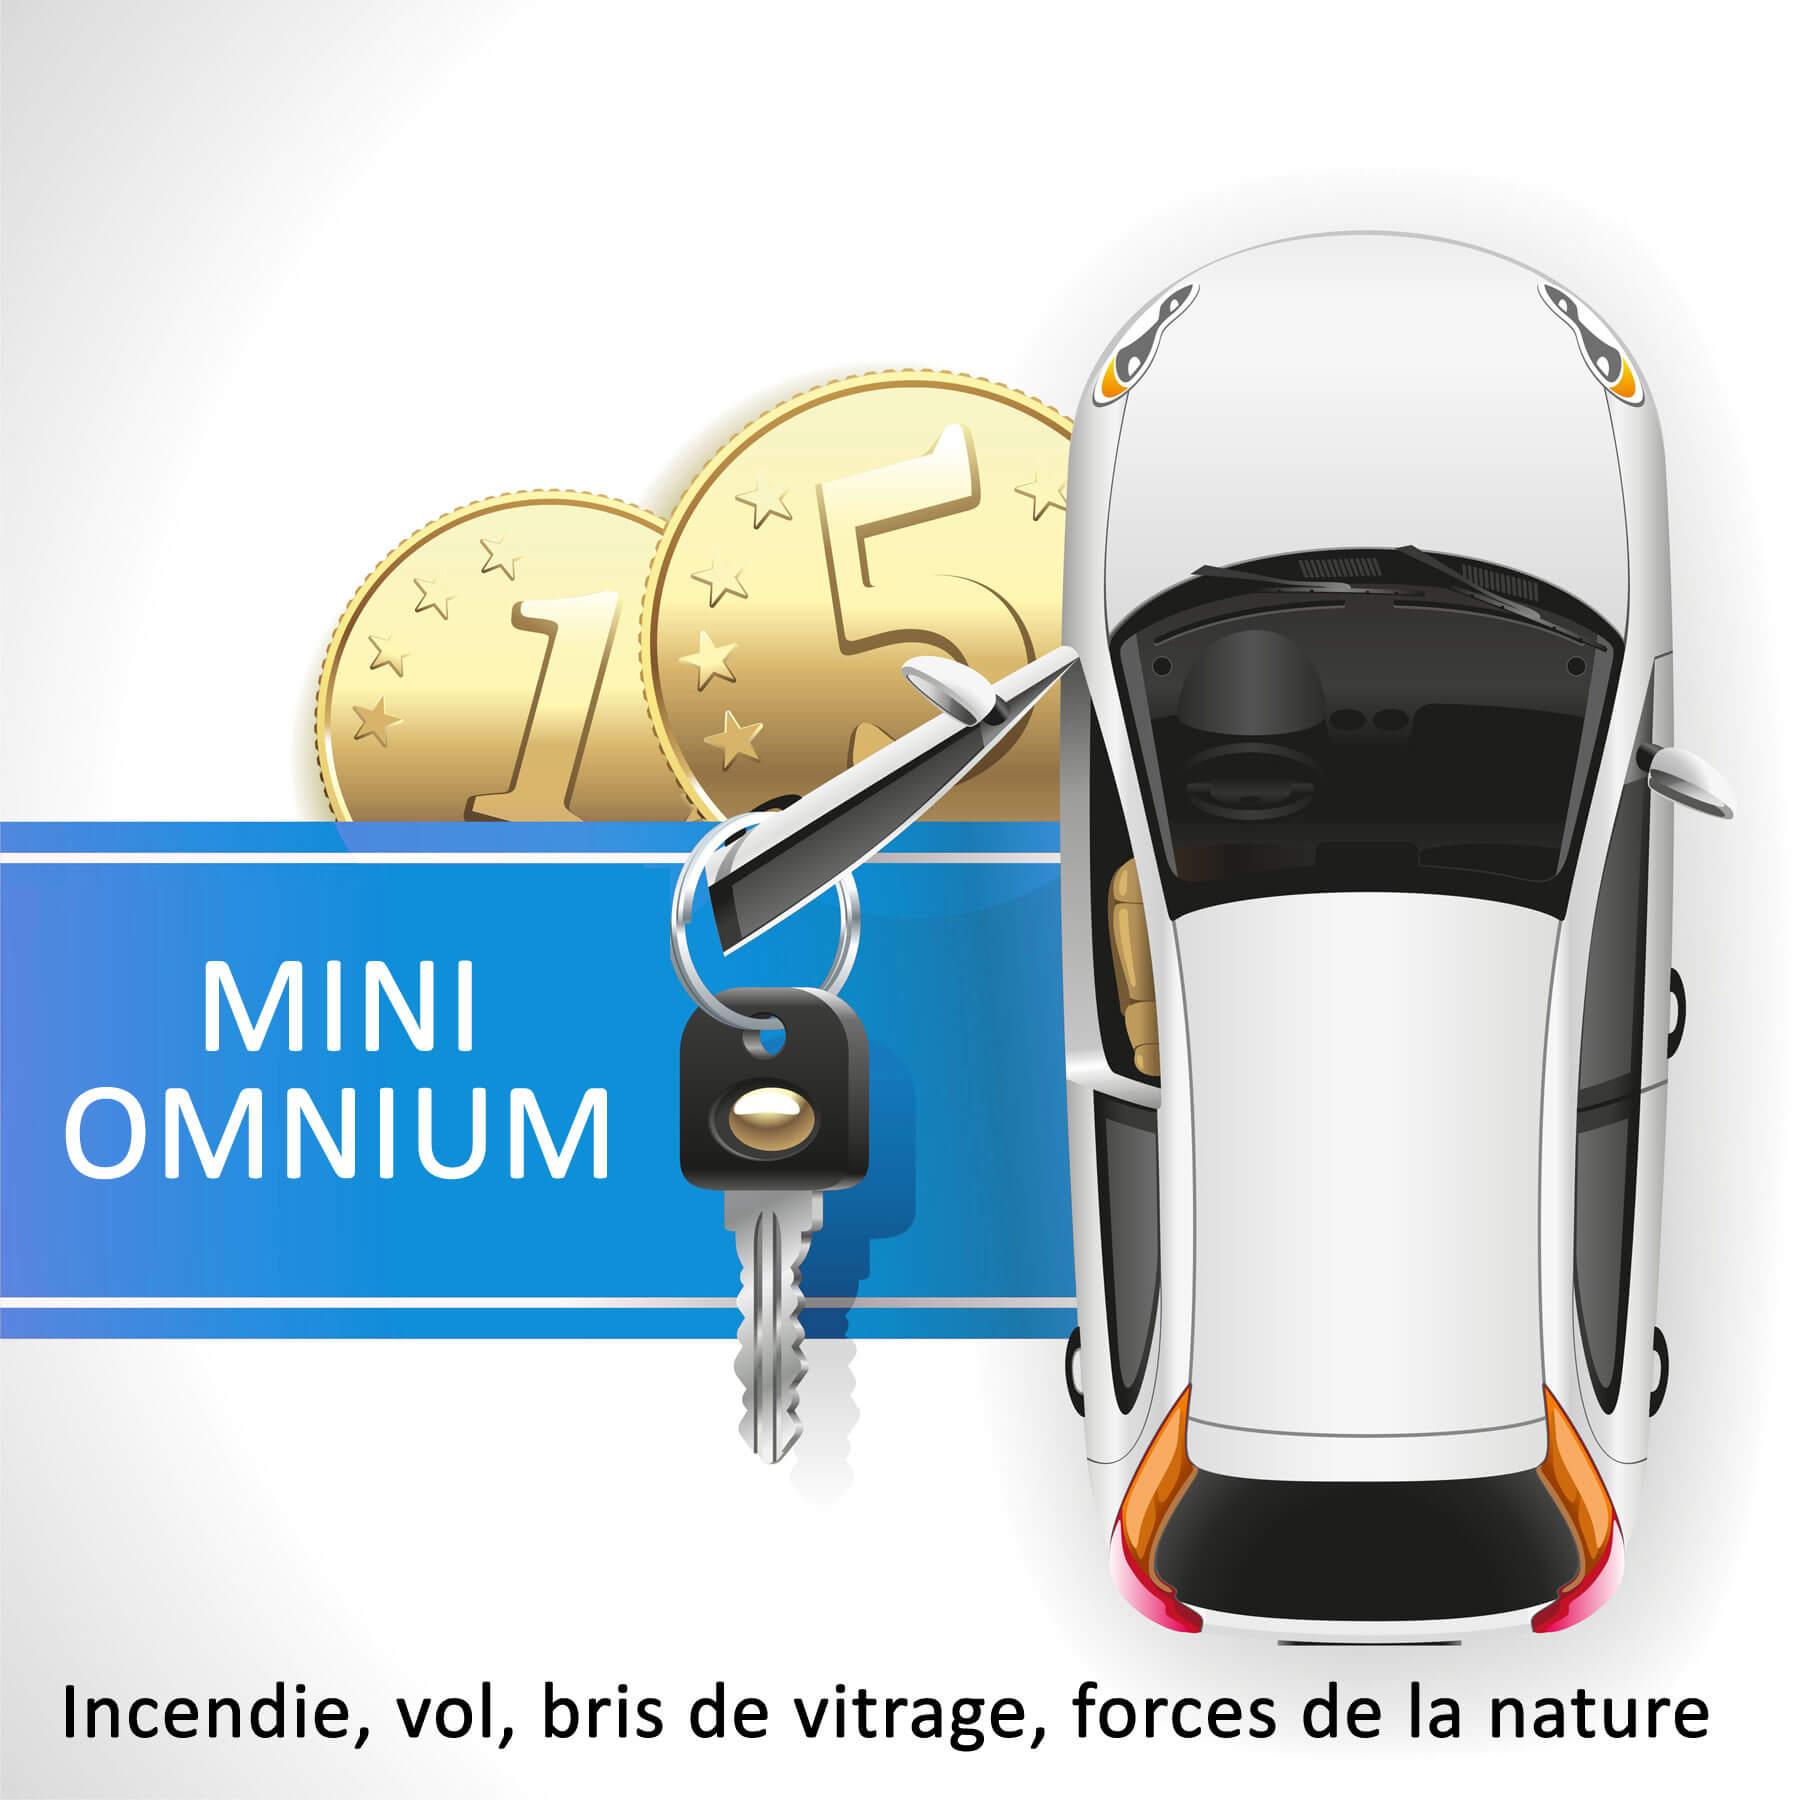 Mini Omnium ou partielle pour une voiture entre 2 et 6 ans